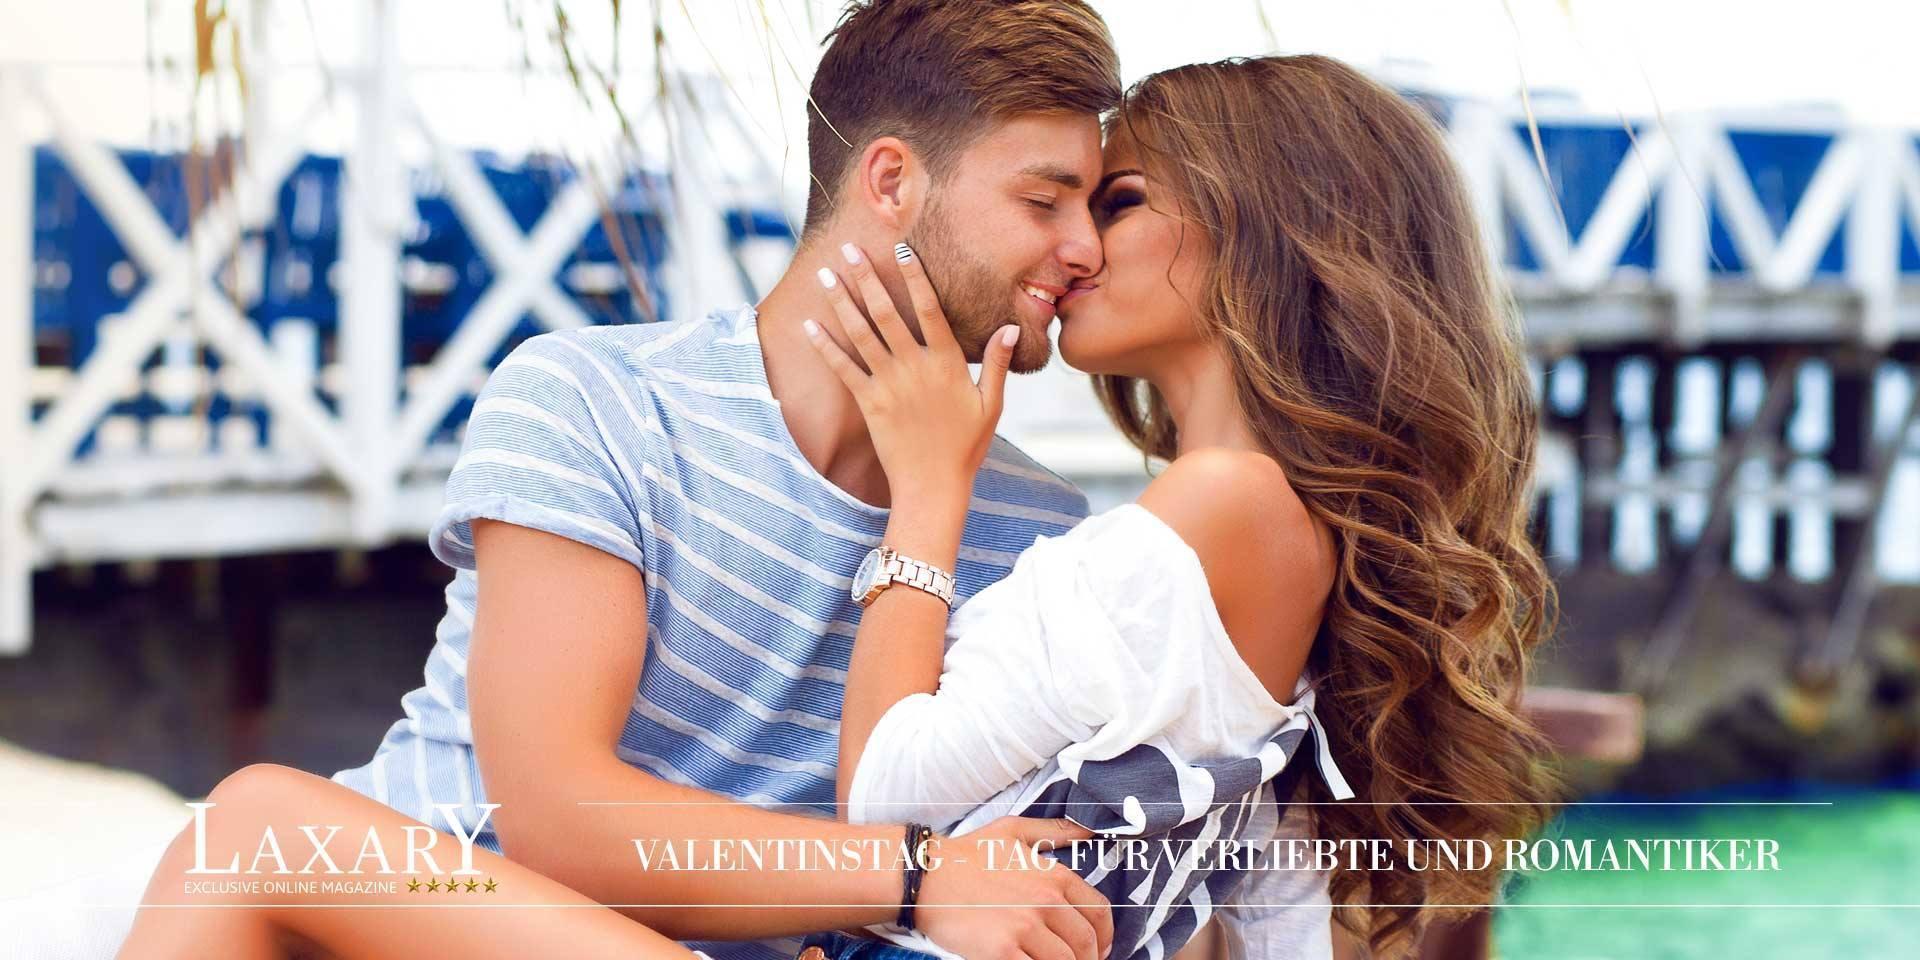 Grüße zum Valentinstag, dem Tag für Verliebte und Romantiker